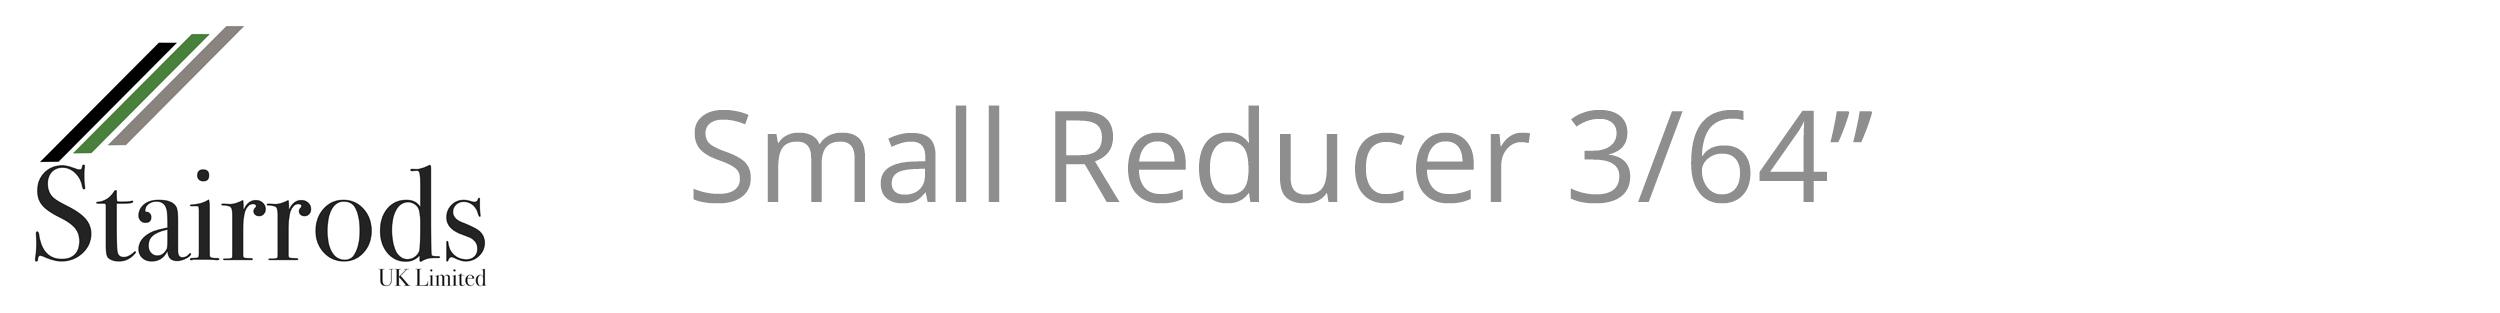 Small Reducer 1.jpg